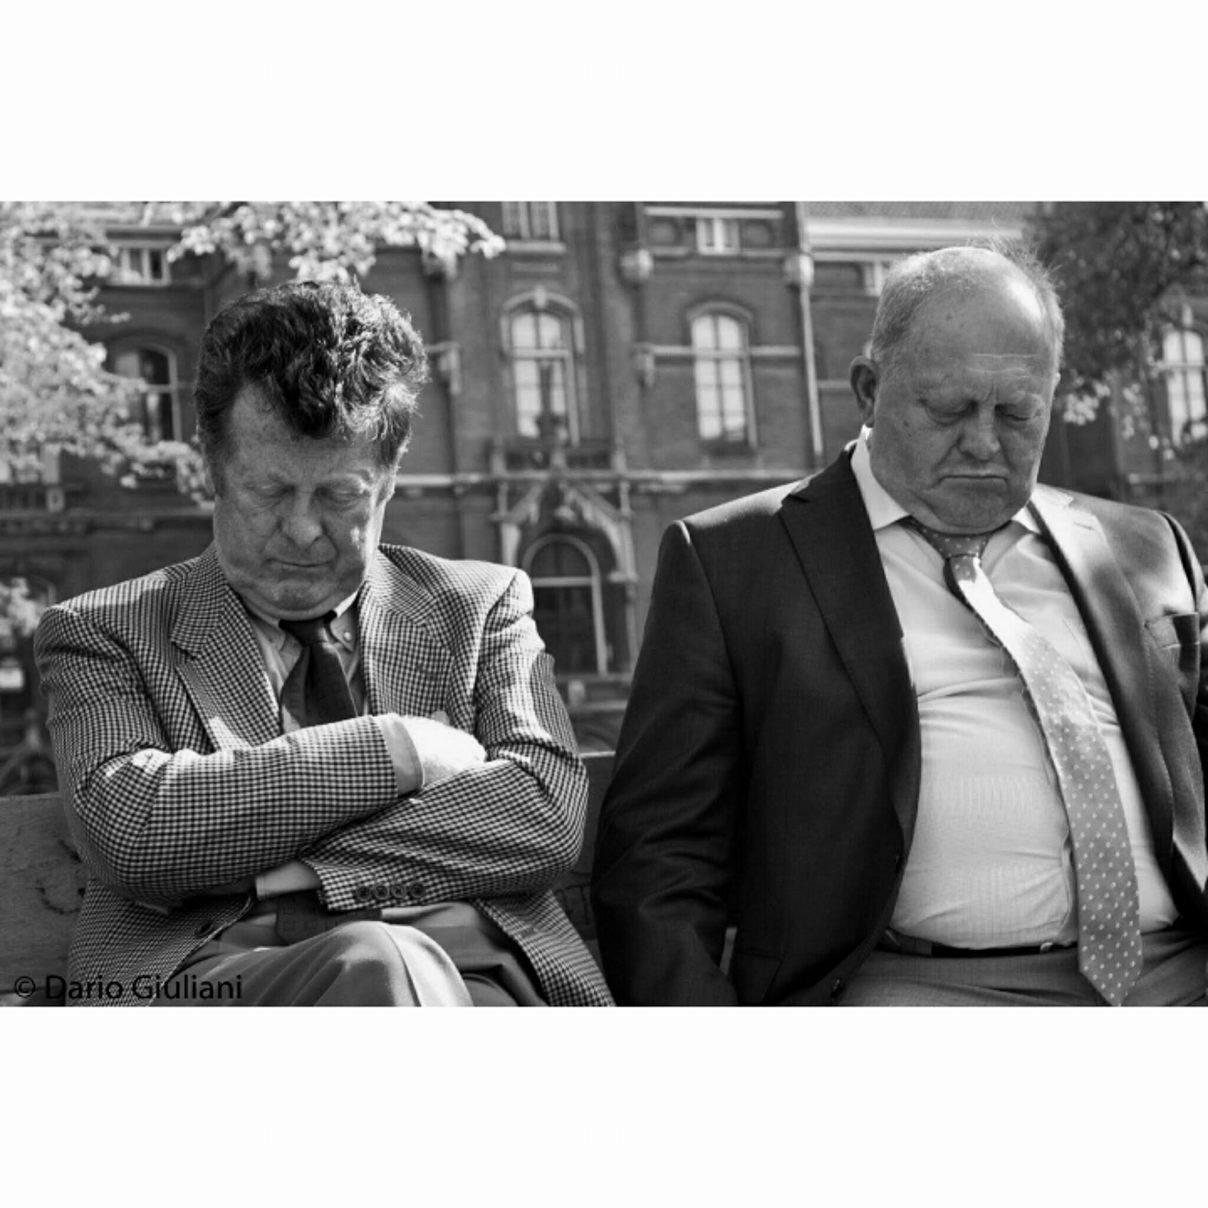 Old pals napping, Amsterdam - May 2013